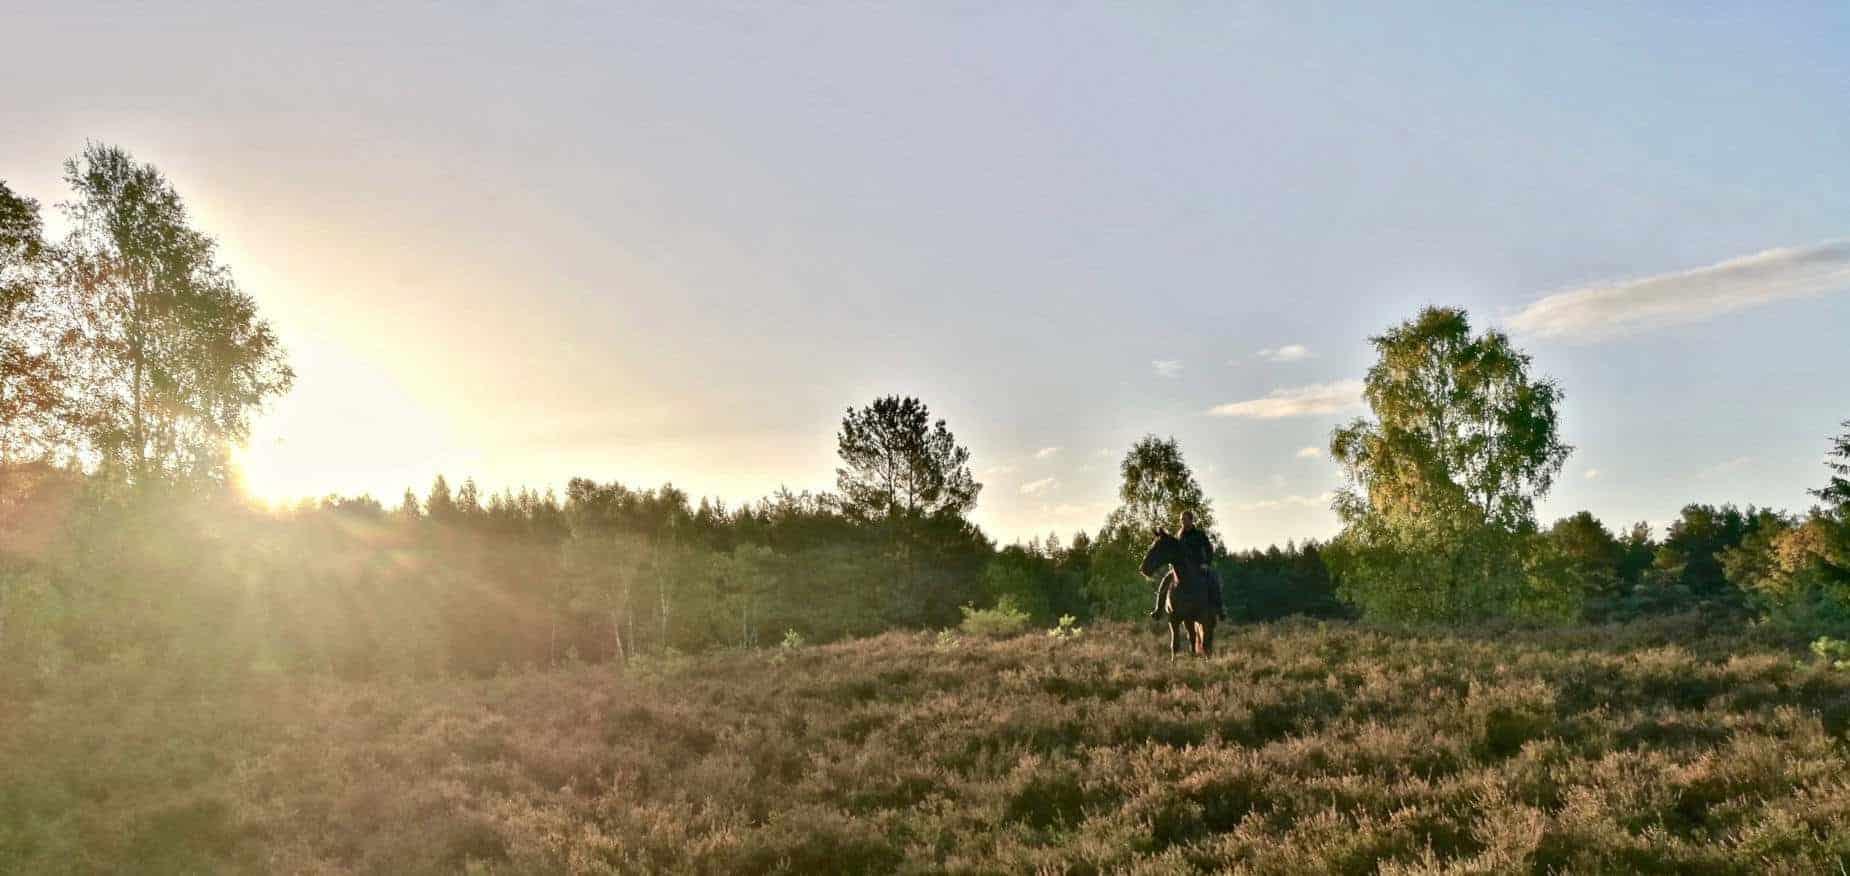 Heidefläche vom Reiterhof Severloh bei Sonnenuntergang mit Reiter und Pferd